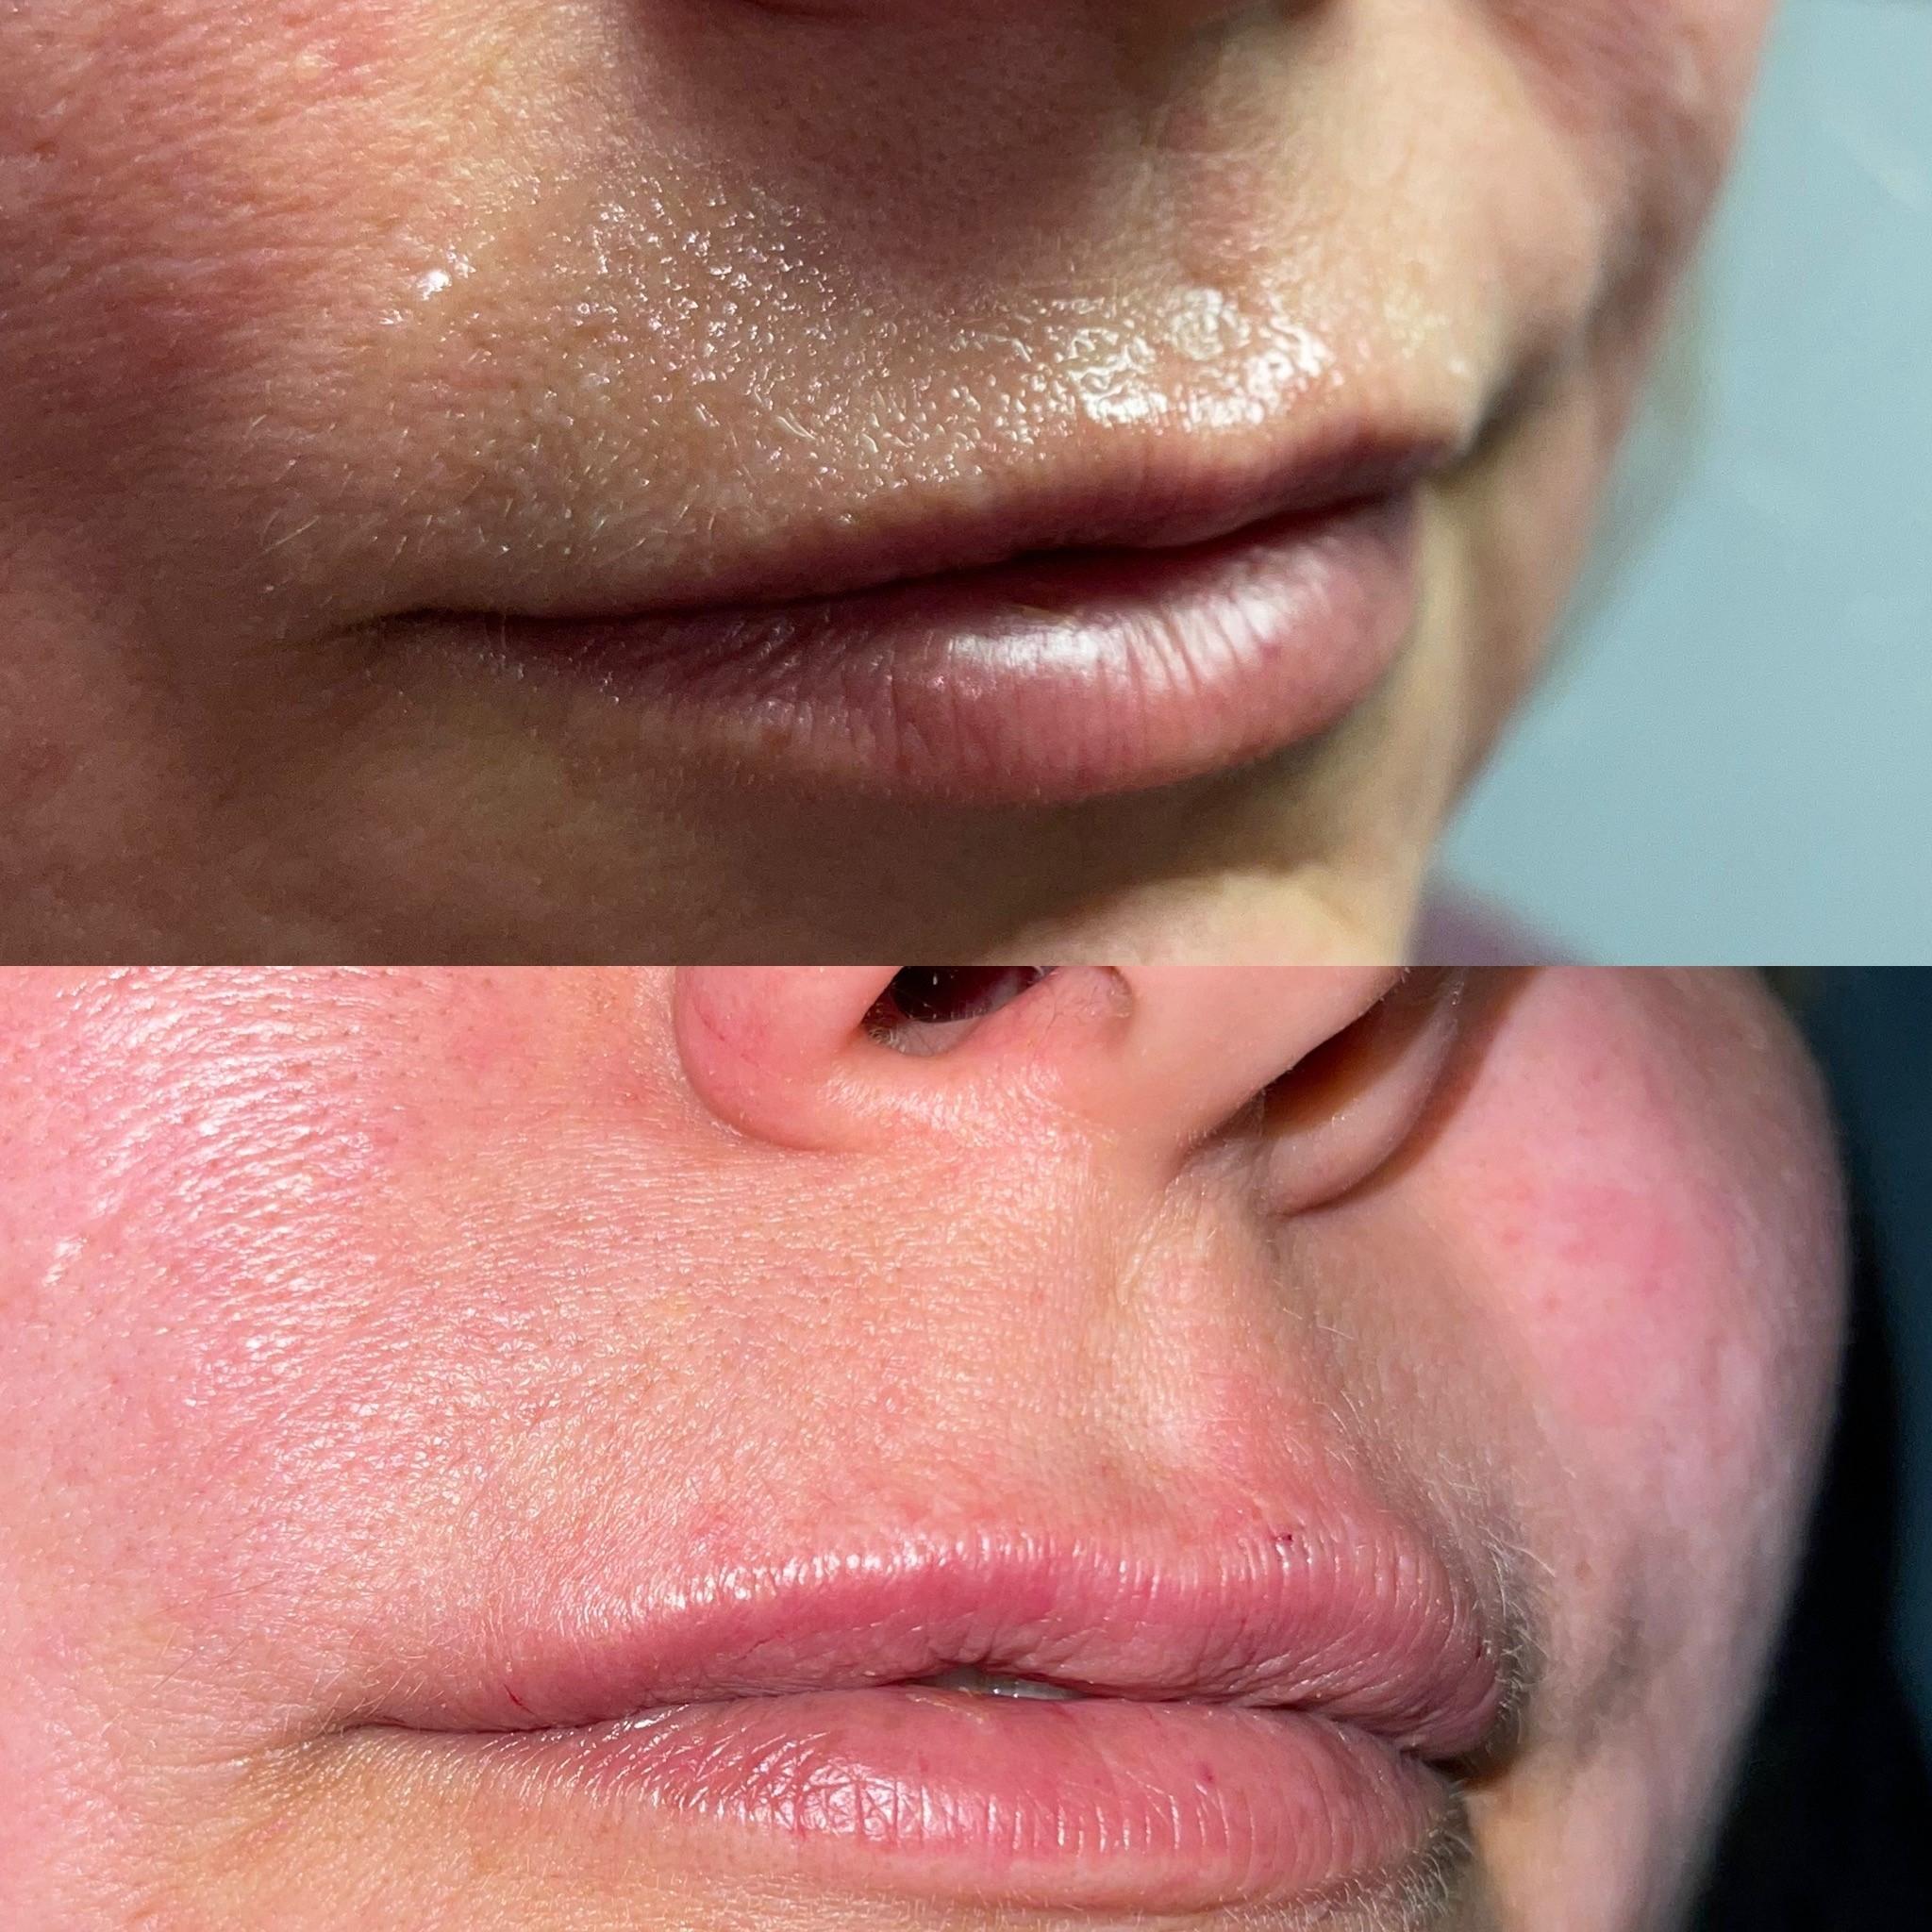 medbeaty rn lip threads